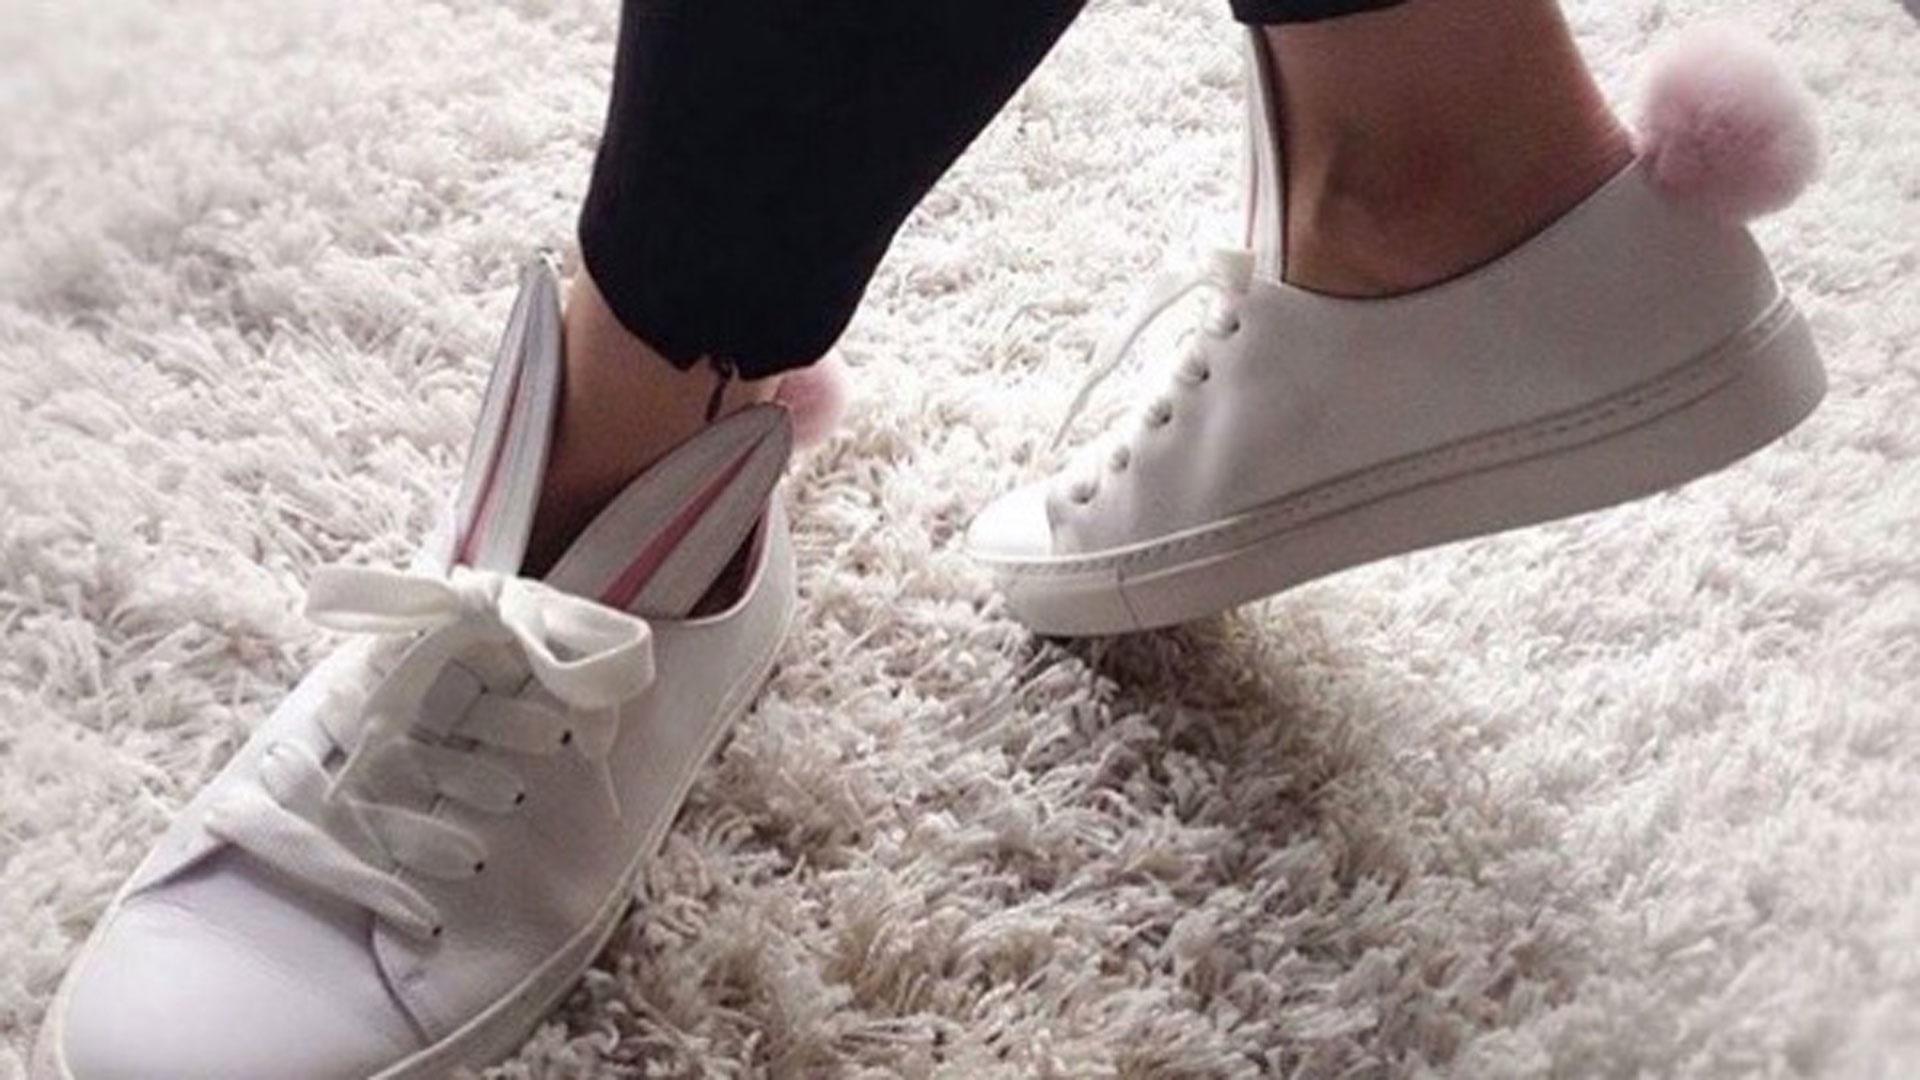 De Tener Increíbles Que Encantará Te 5 Tu Marcas En Zapatos f6gv7Yby